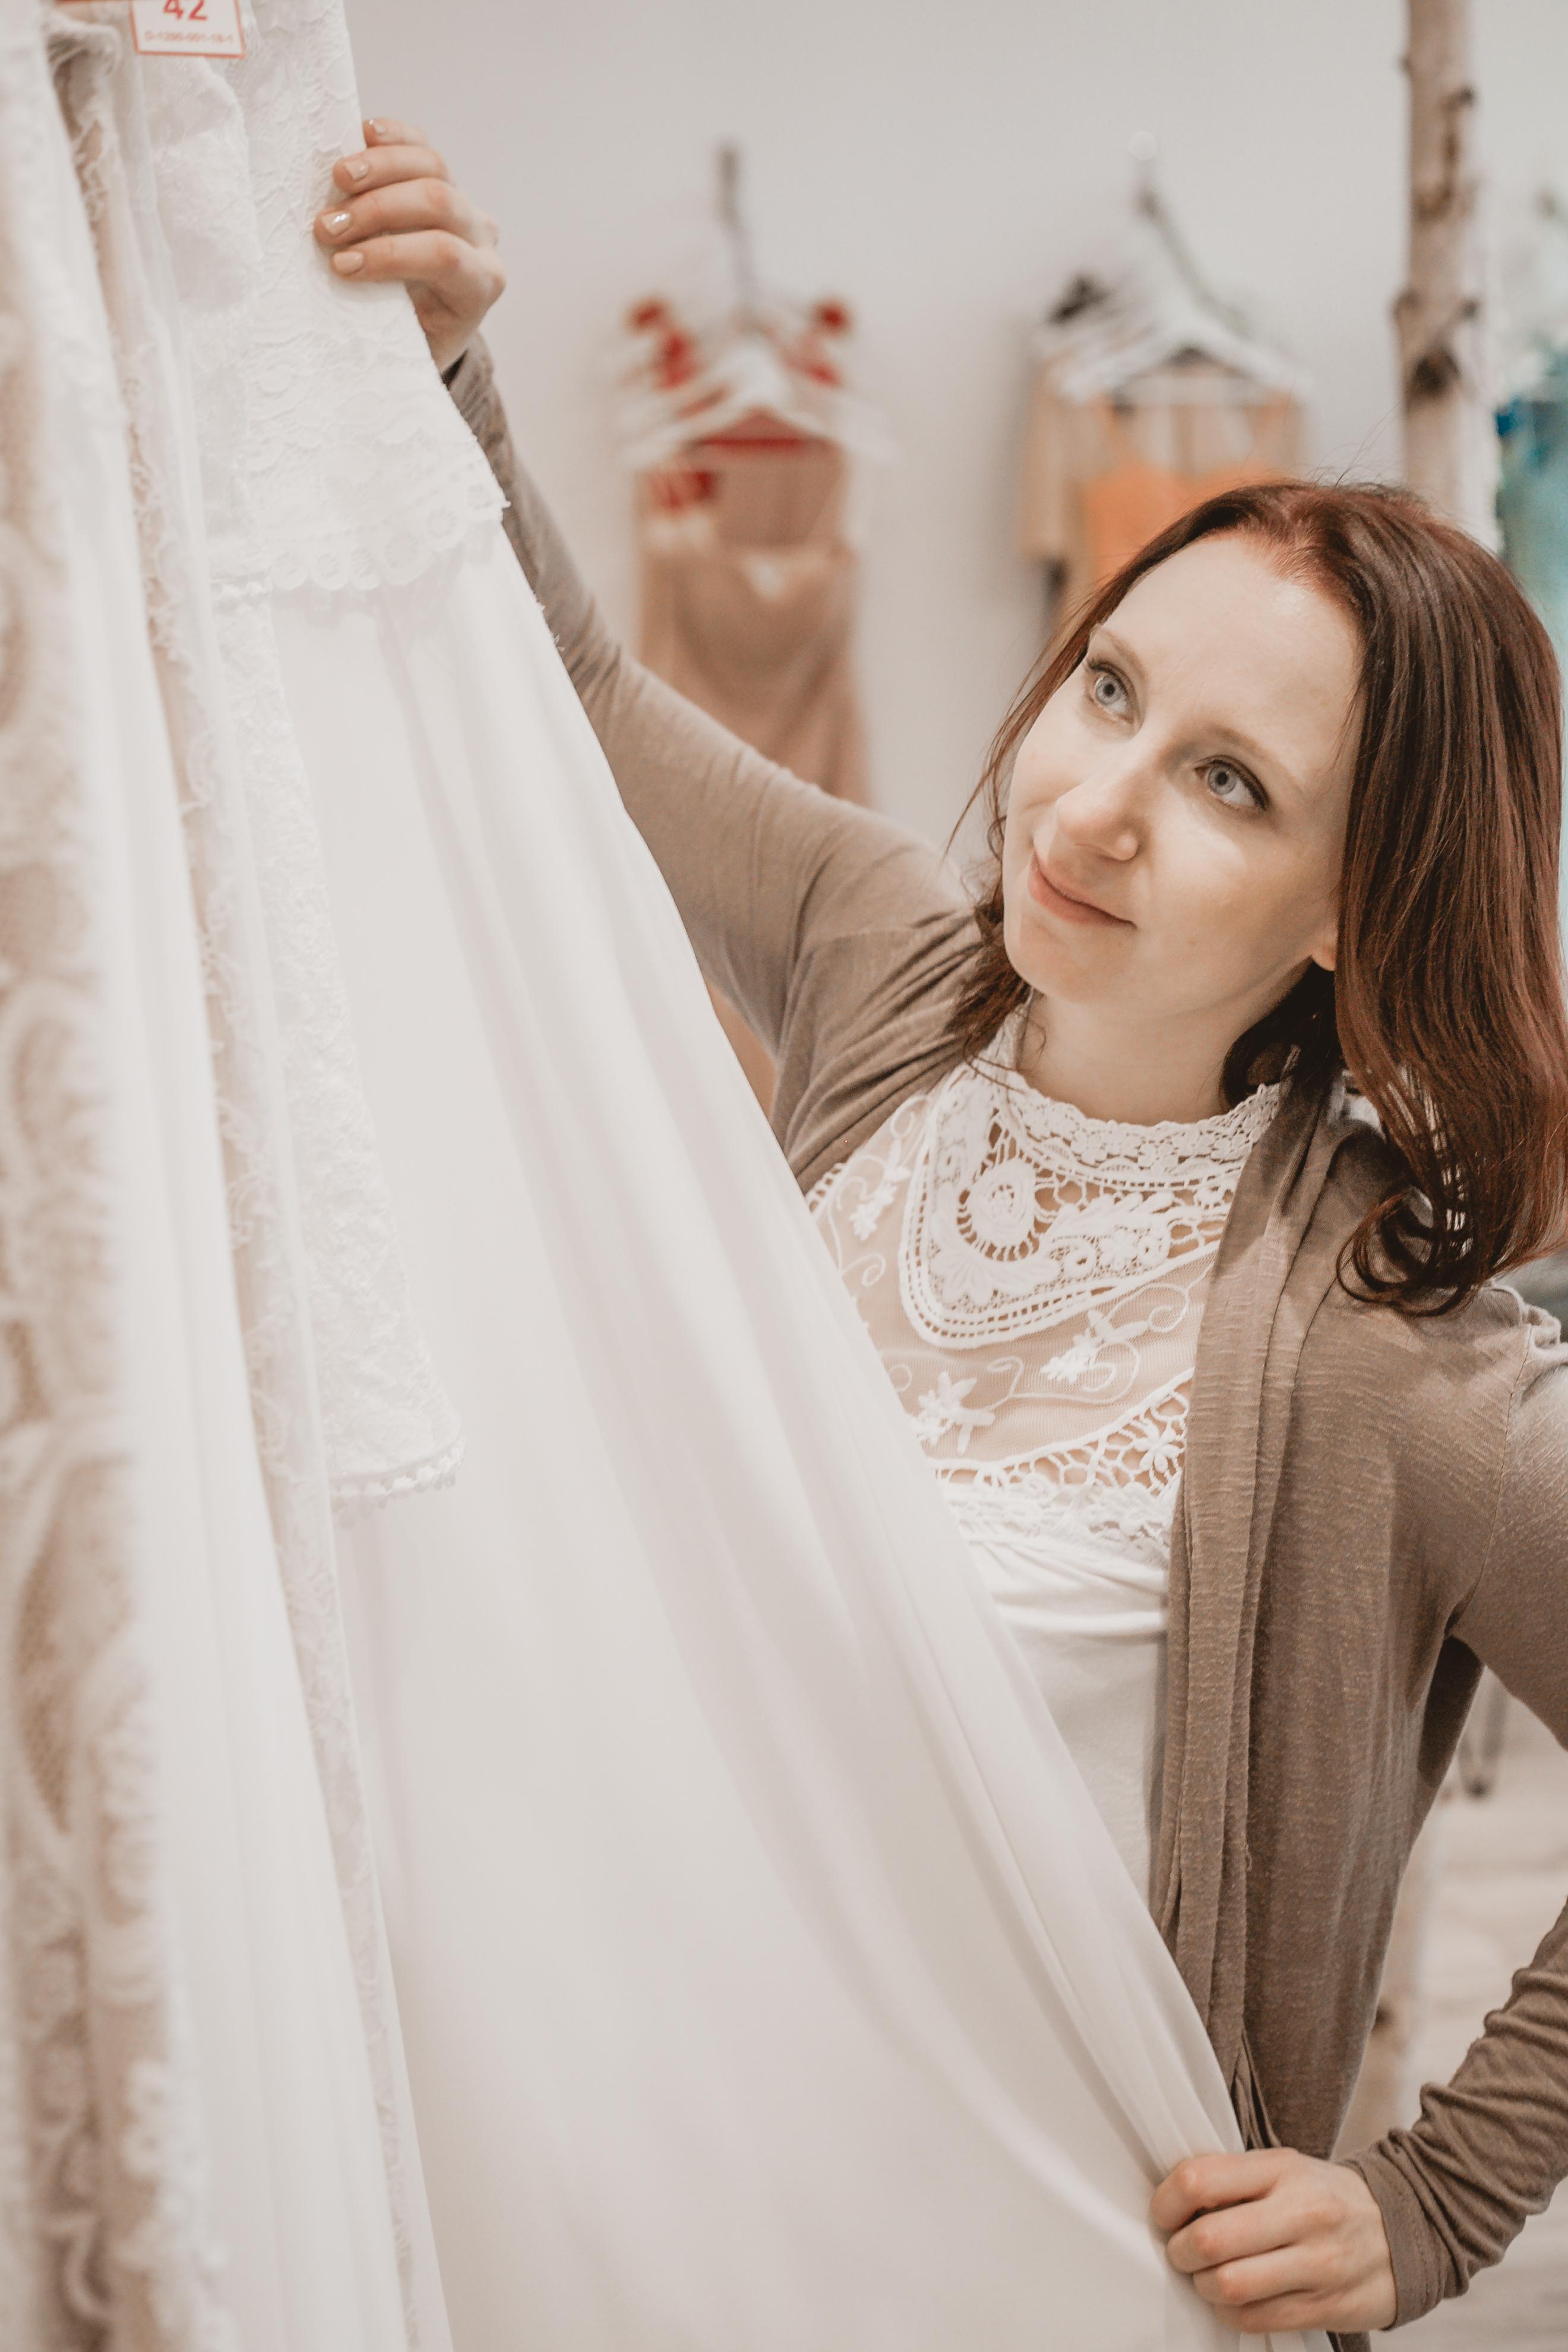 Hochzeitsorganisation auf den Punkt geplant mit Hochzeitsplaner von Time for Wedding Hochzeitsplanung by Lisa Müller.